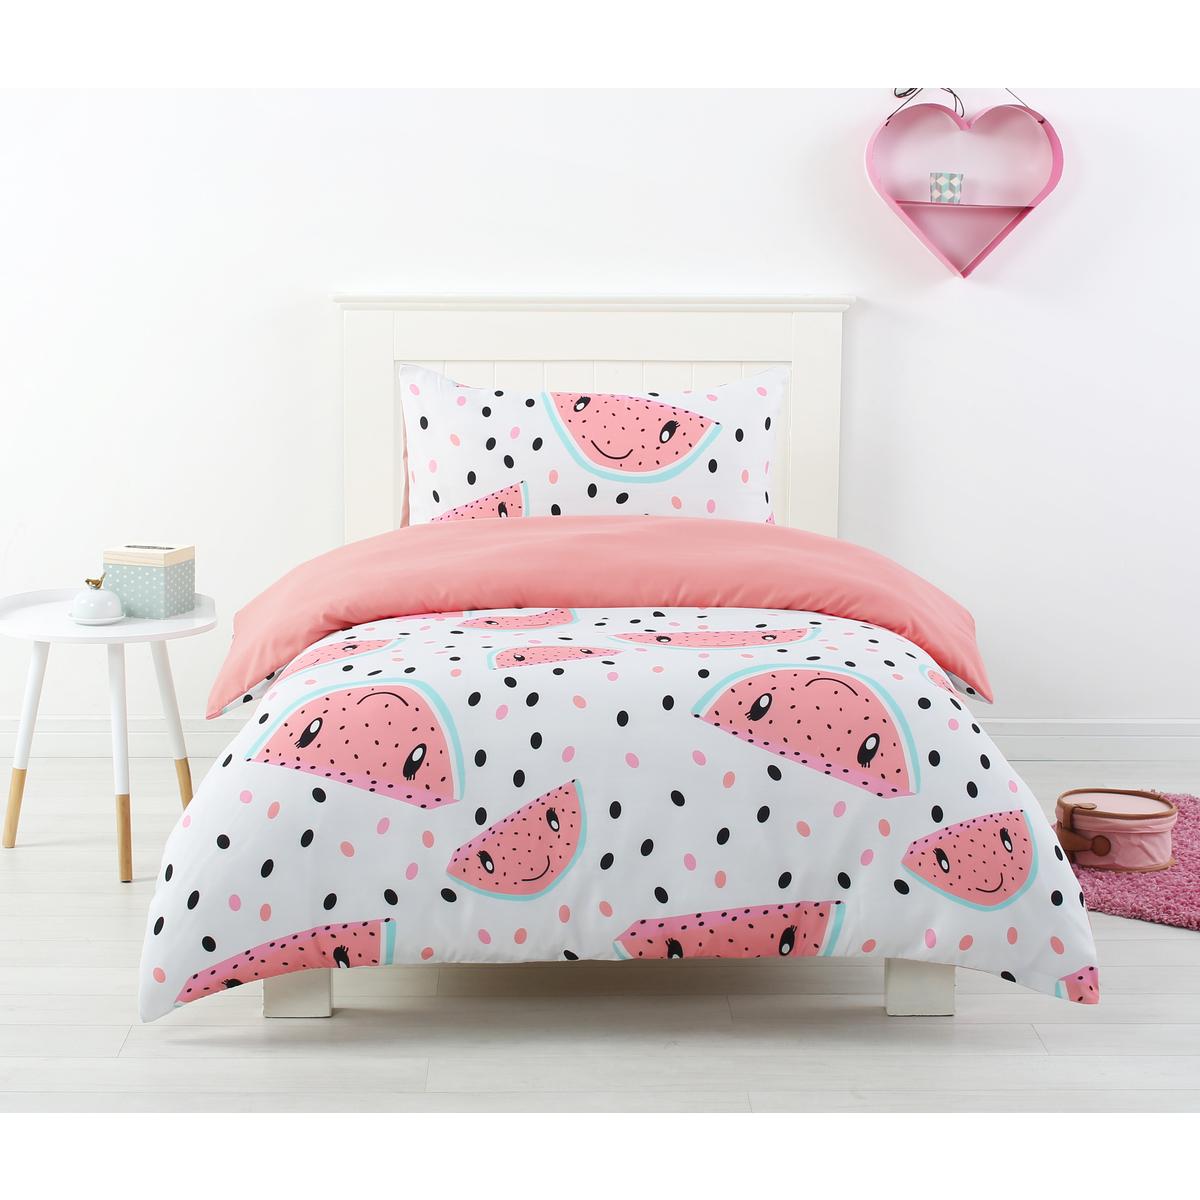 Wohnungsideen für Schlafzimmer